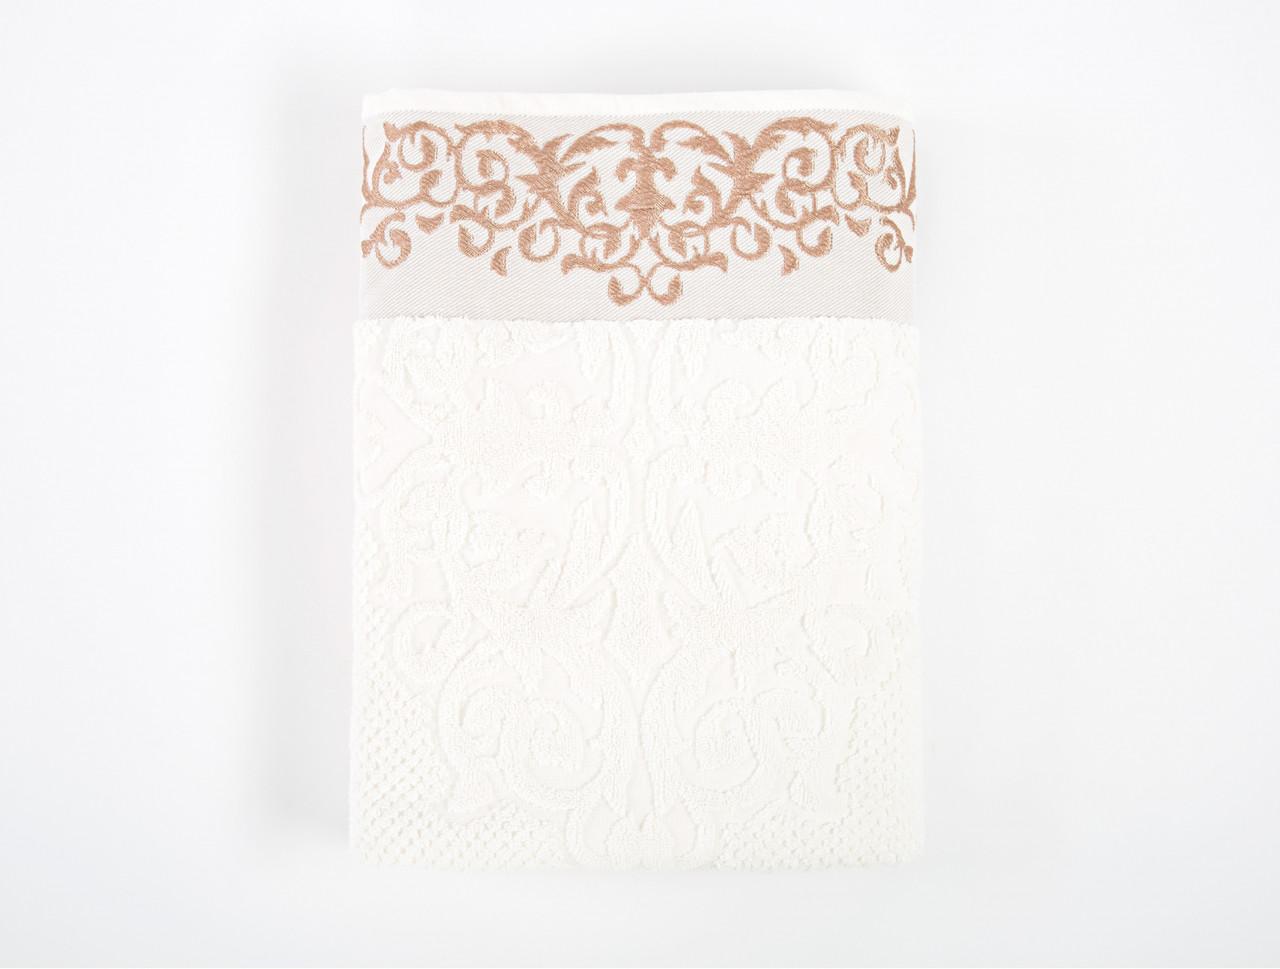 Полотенце Irya Jakarli - New Queen ekru молочный 70*130